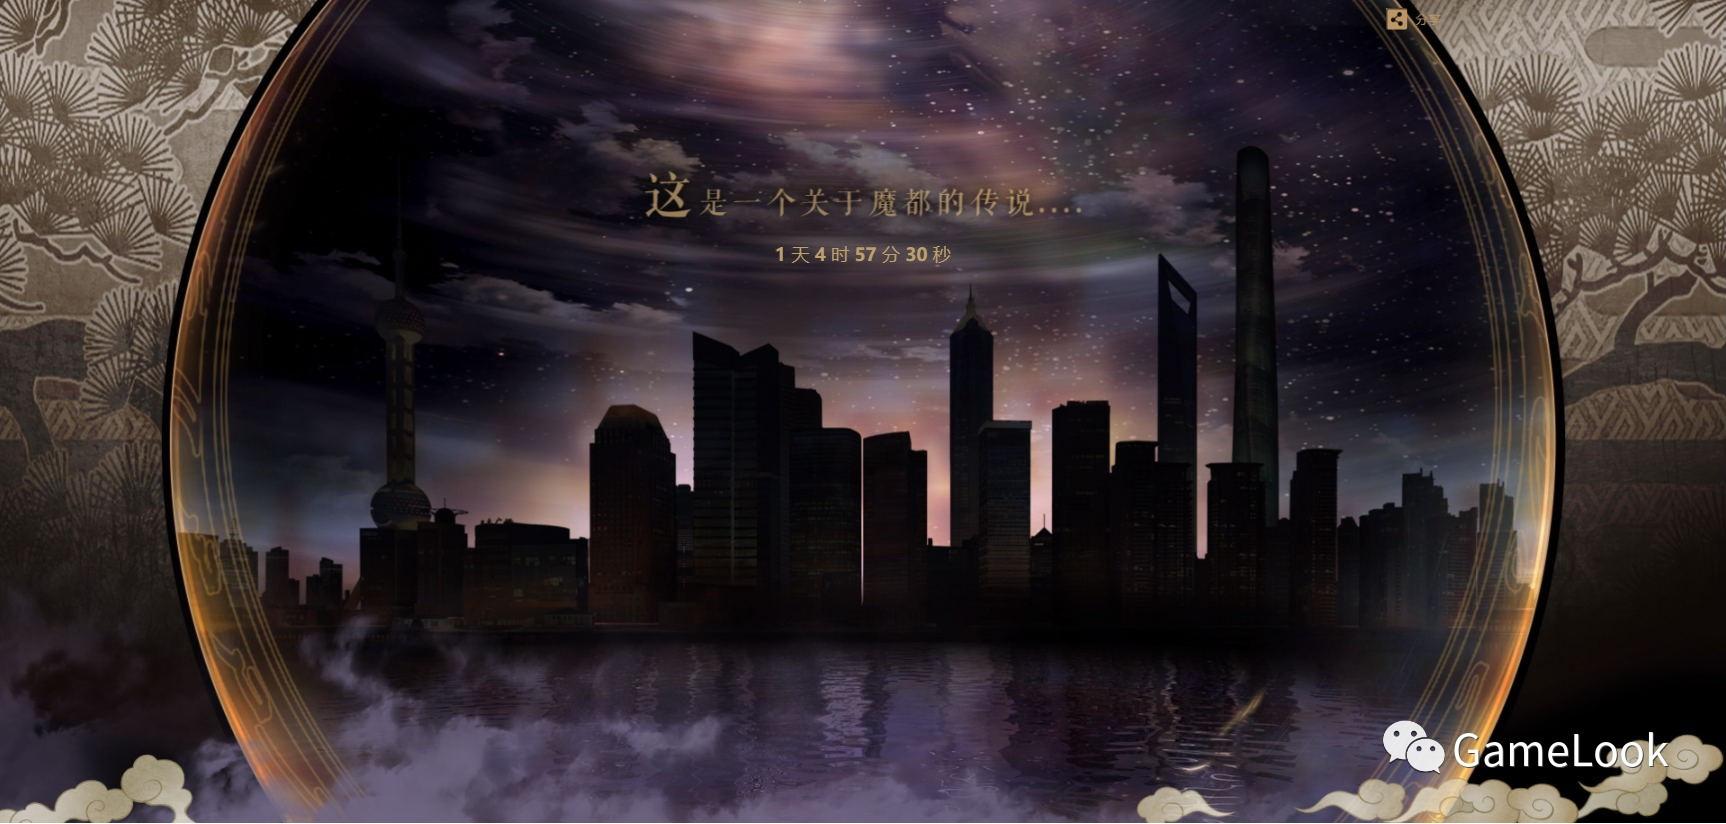 《电影产业促进法》实施一周年,中国电影势头正劲